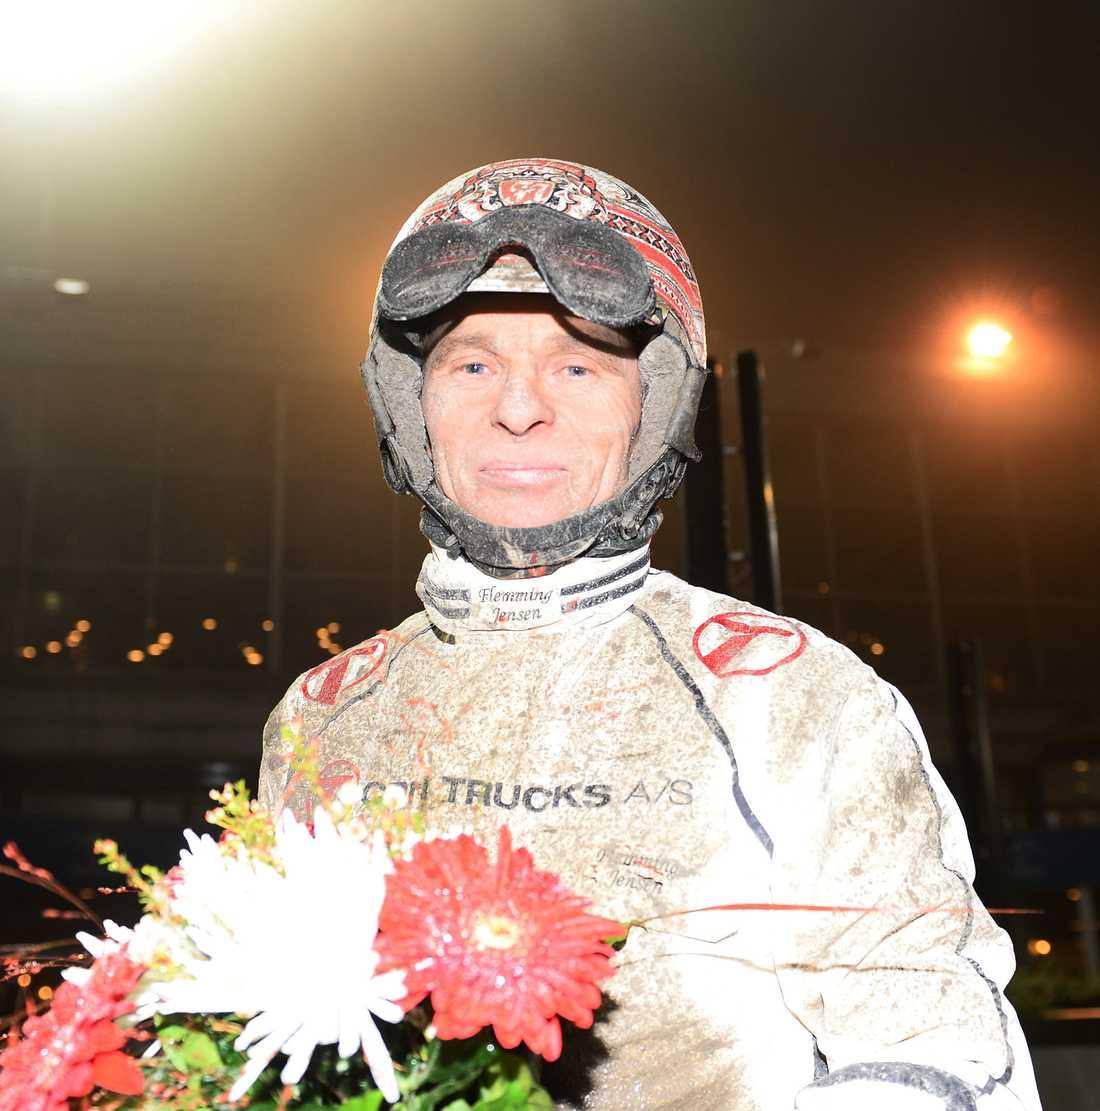 Flemming Jensen har högst segerprocent bland kuskarna som regelbundet kör på Åby. Han vinner också oftare på Åby än i Sverige i stort.